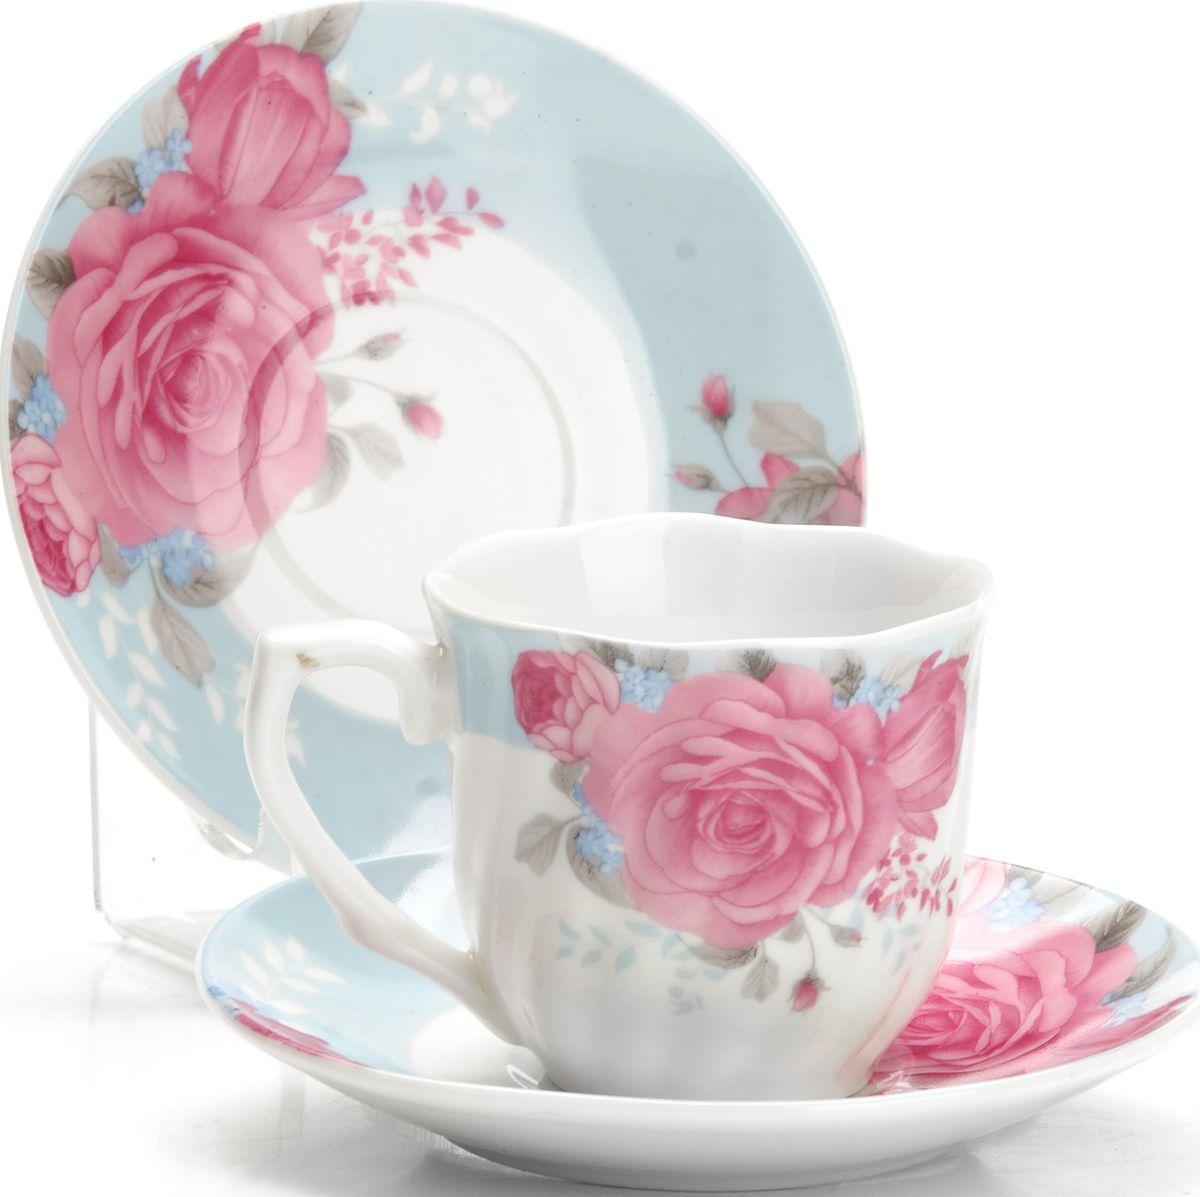 Набор кофейный Loraine, 12 предметов. 43330115510Кофейный сервиз на 6 персон изготовлен из качественного фарфора и оформлен красивым цветочным рисунком. Элегантный и удобный кофейный сервиз не только украсит сервировку стола, но и поднимет настроение и превратит процесс чаепития в одно удовольствие.Сервиз состоит из 12 предметов: шести чашек и шести блюдец, упакованных в подарочную коробку. Чашки имеют удобную, изящную ручку. Изделия легко и просто мыть. Кофейный сервиз прекрасно подойдет в качестве подарка для родных и друзей на любой праздник!Диаметр чашки: 6 см.Высота чашки: 5,5 см.Объем чашки: 80 мл.Диаметр блюдца: 11 см.